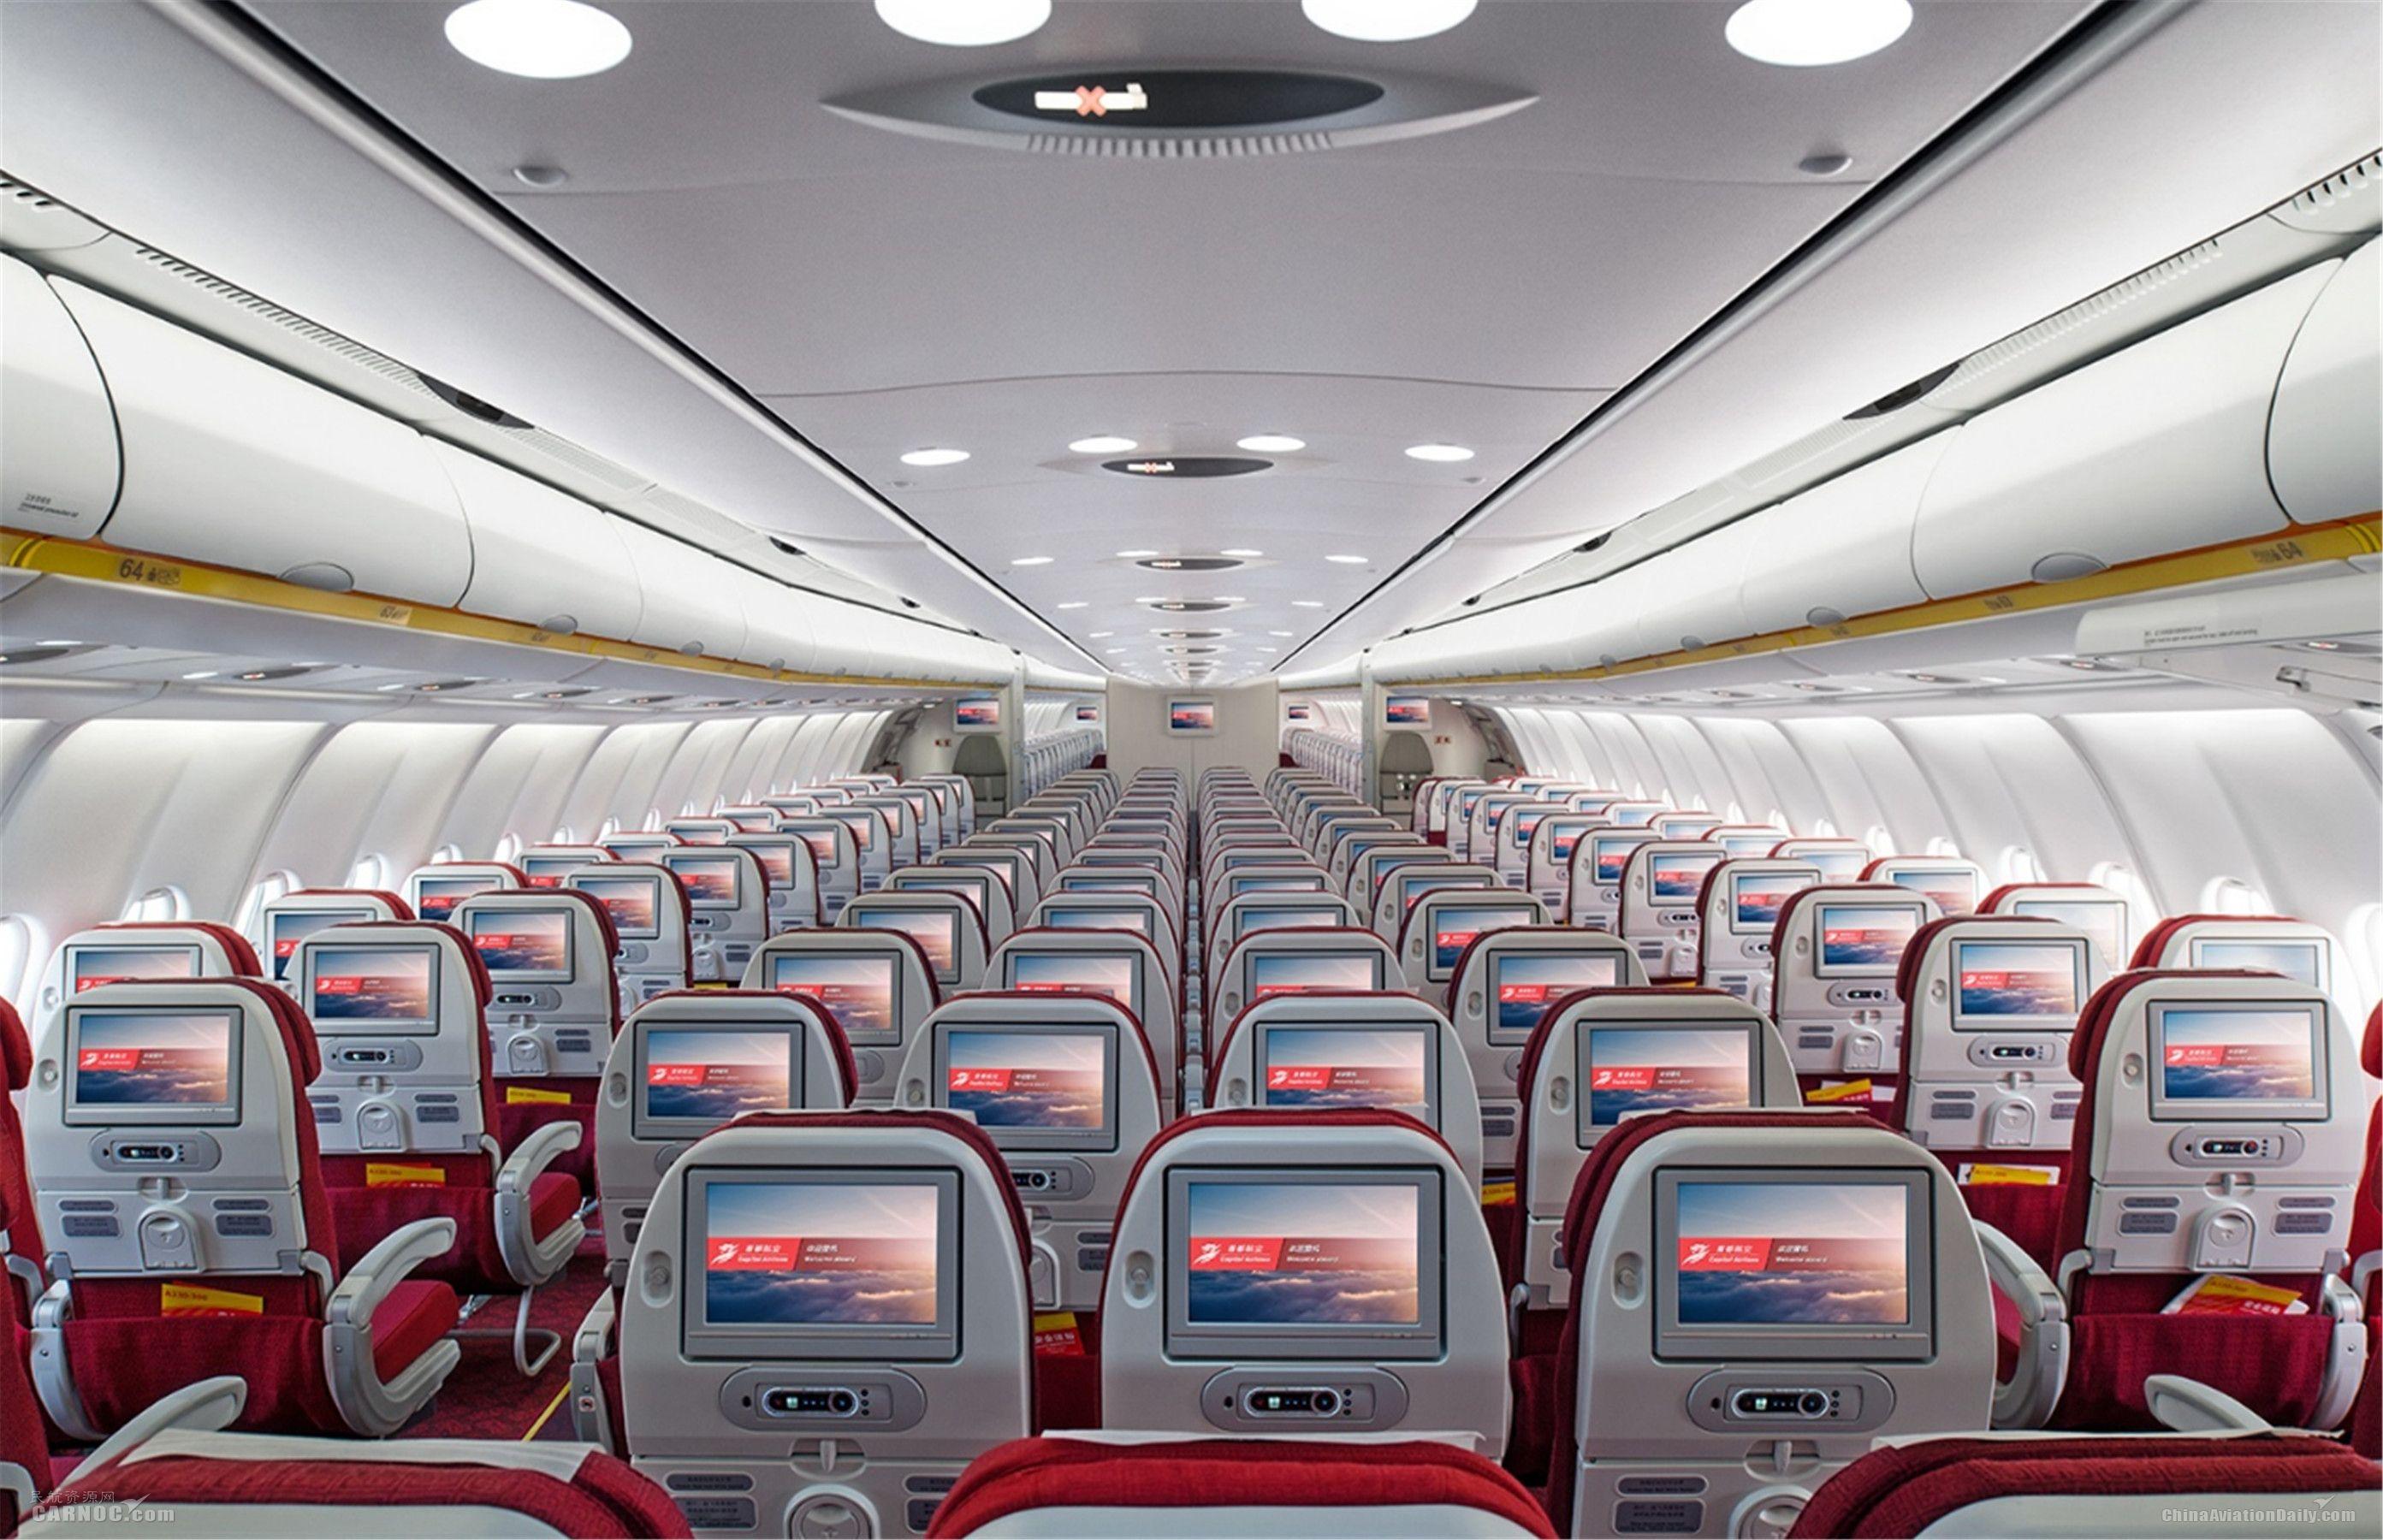 便捷飞行:首都航空将在经济舱推出品牌运价